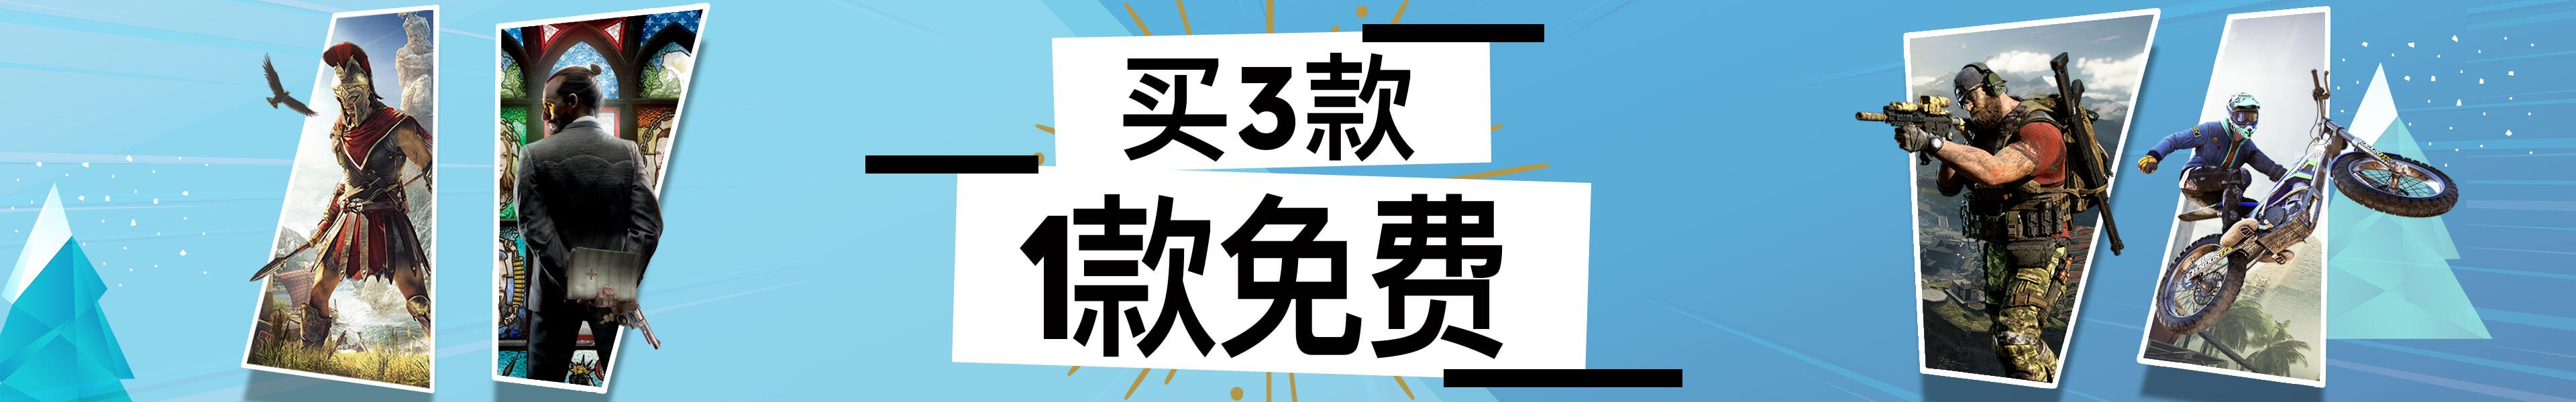 育碧Uplay买3送1大促开启!折上再送优惠不停